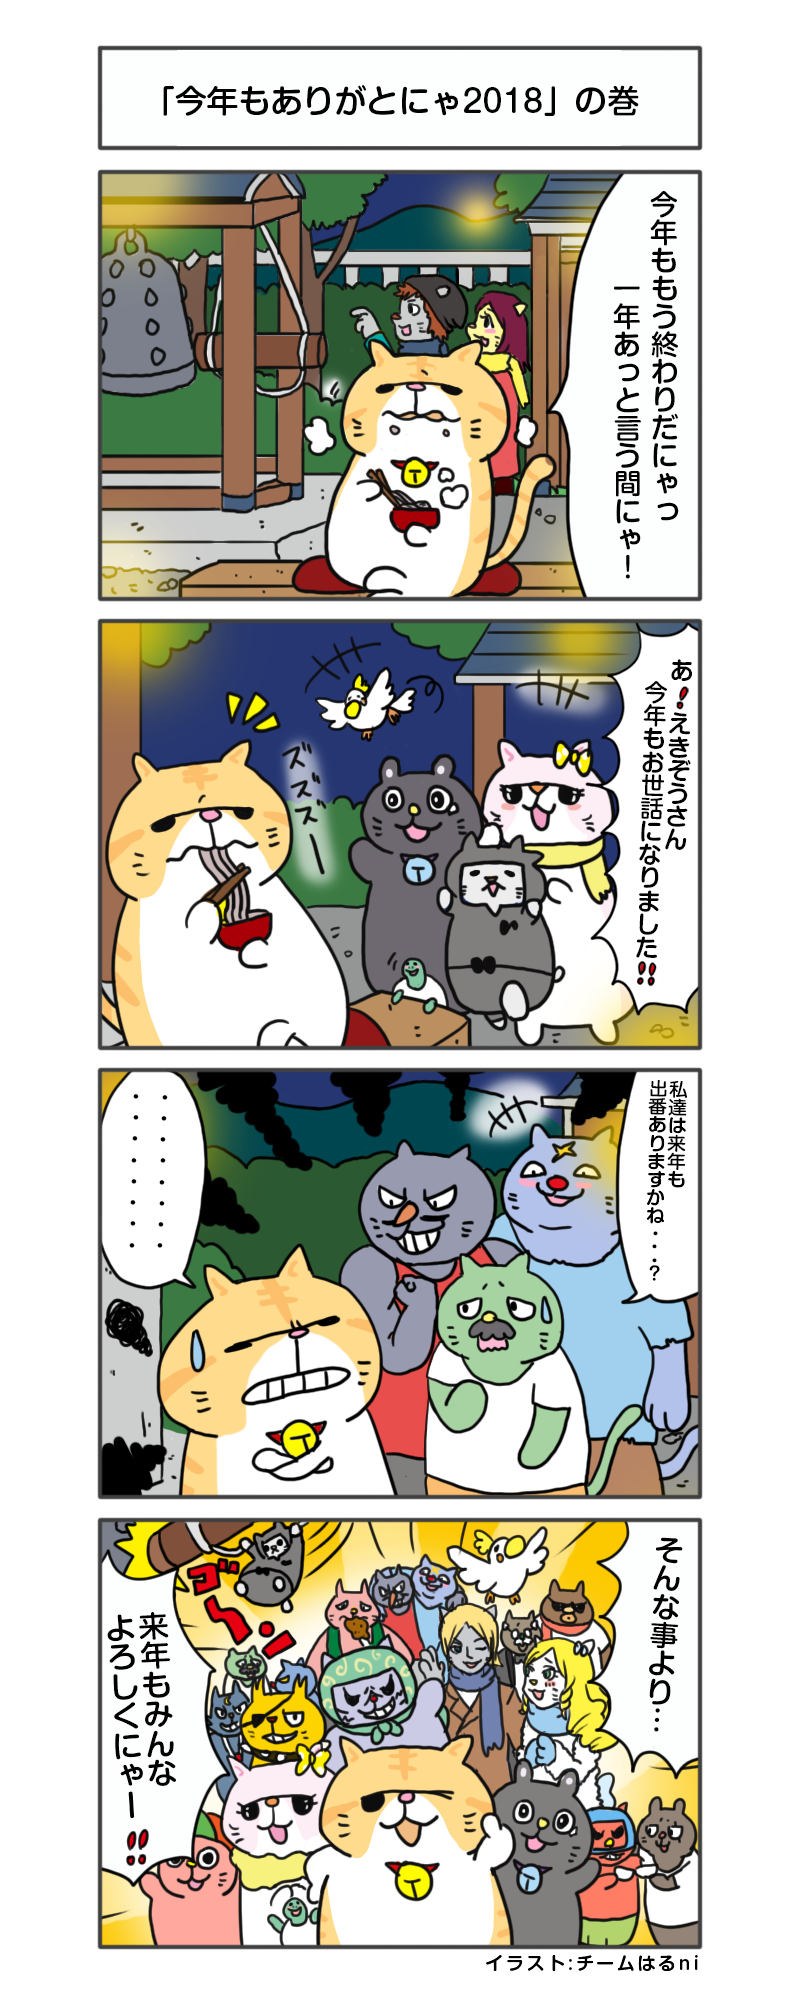 えきぞうmanga_vol.178のコピー